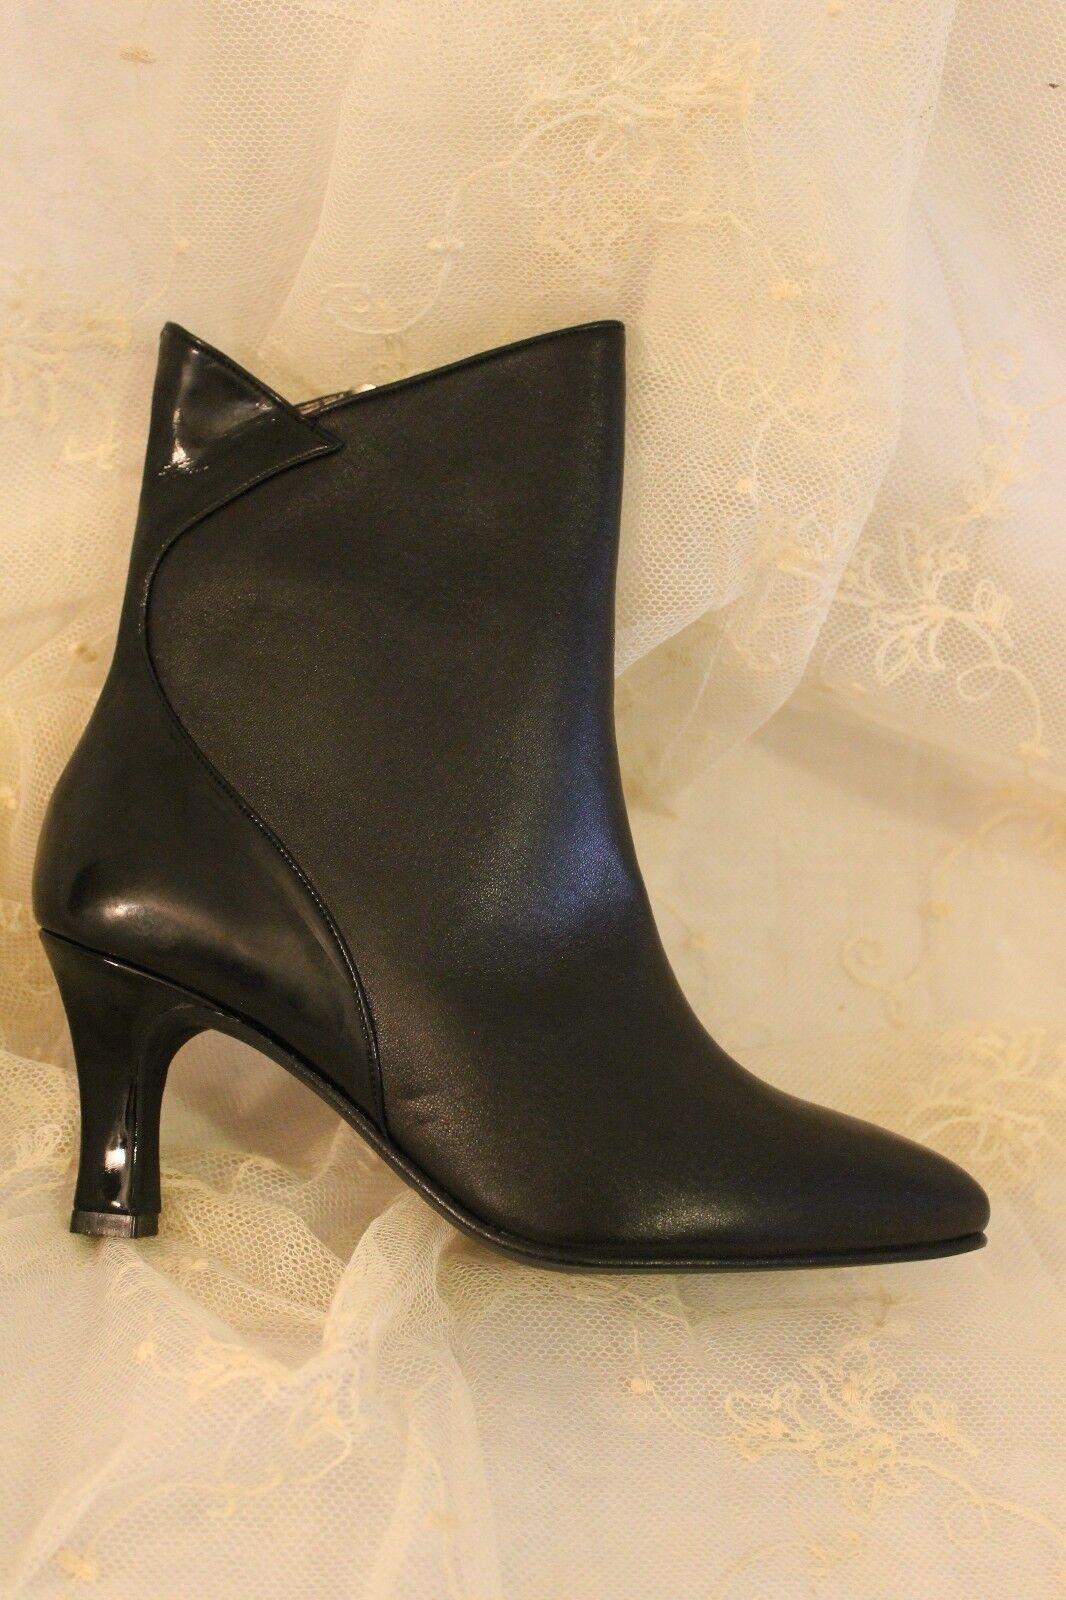 Elegante Damen Stiefeletten echt Leder schwarz schwarz schwarz Gr. 37 Lack neu OVP   931728